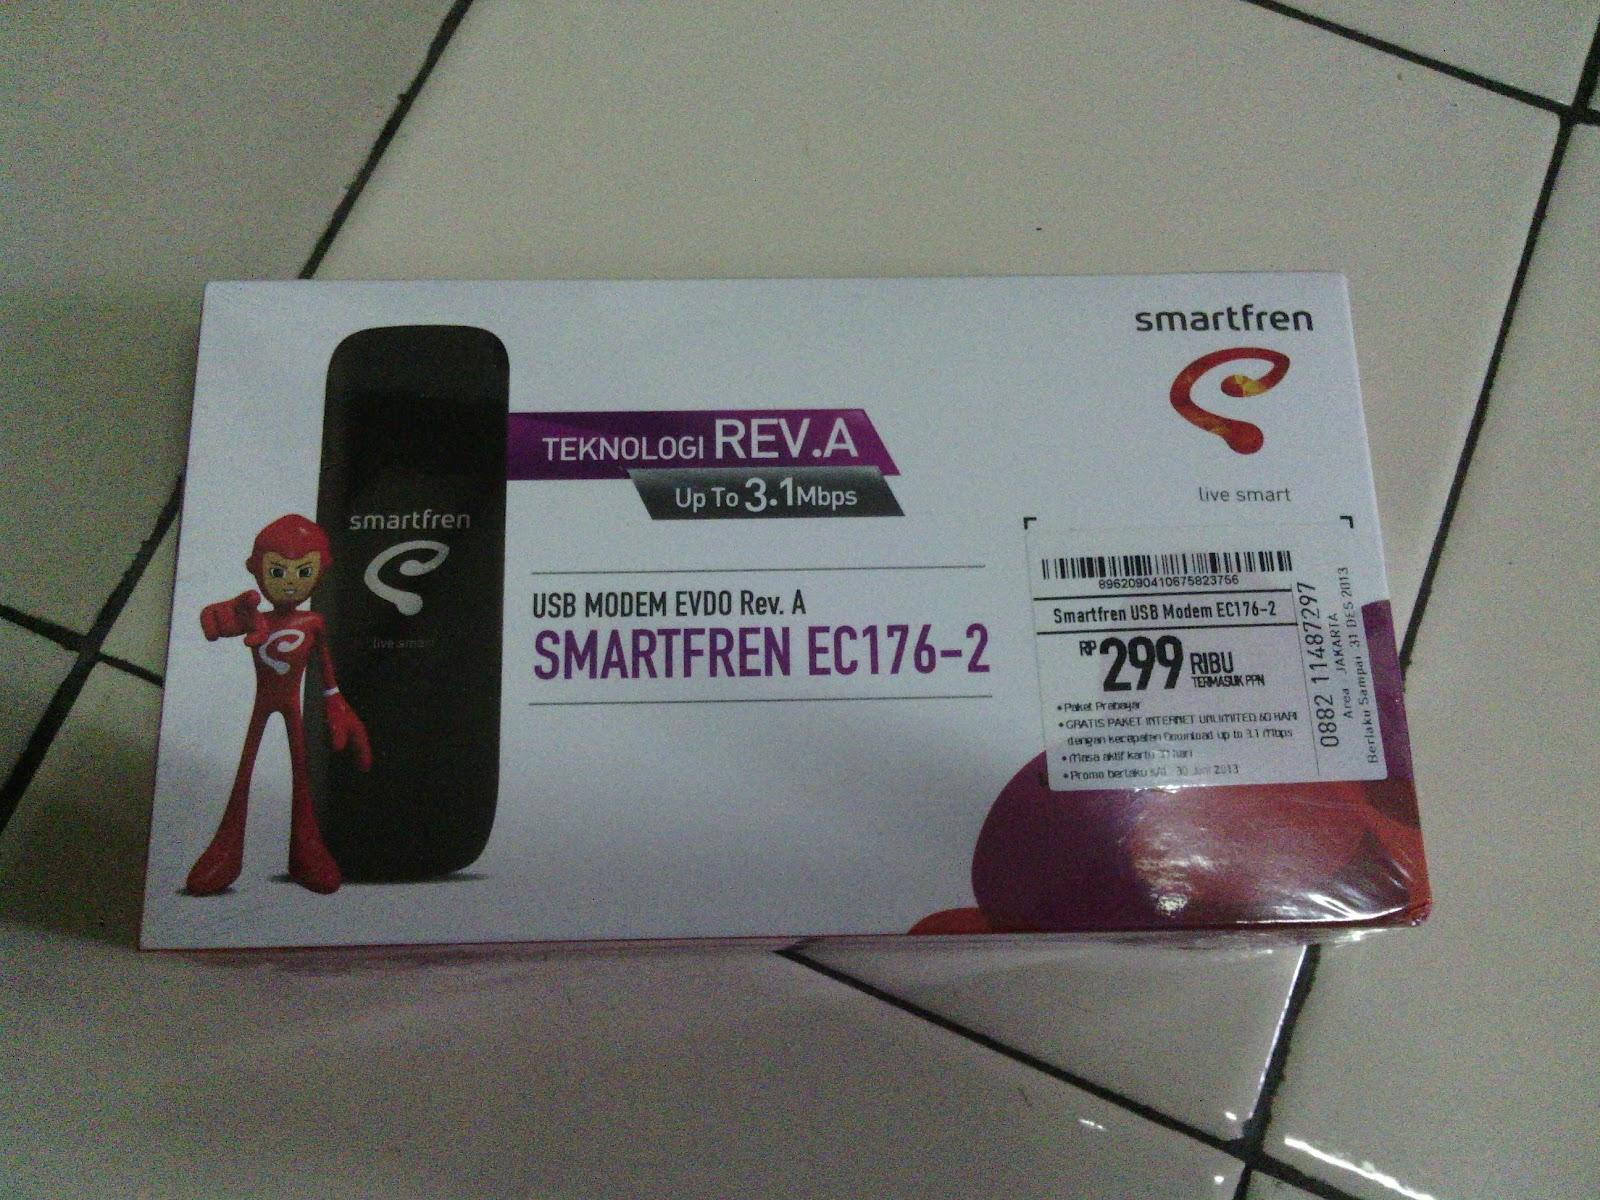 REVIEW&SHARE) USB MODEM EVDO Rev. A SMARTFREN HUAWEI EC - Page 27